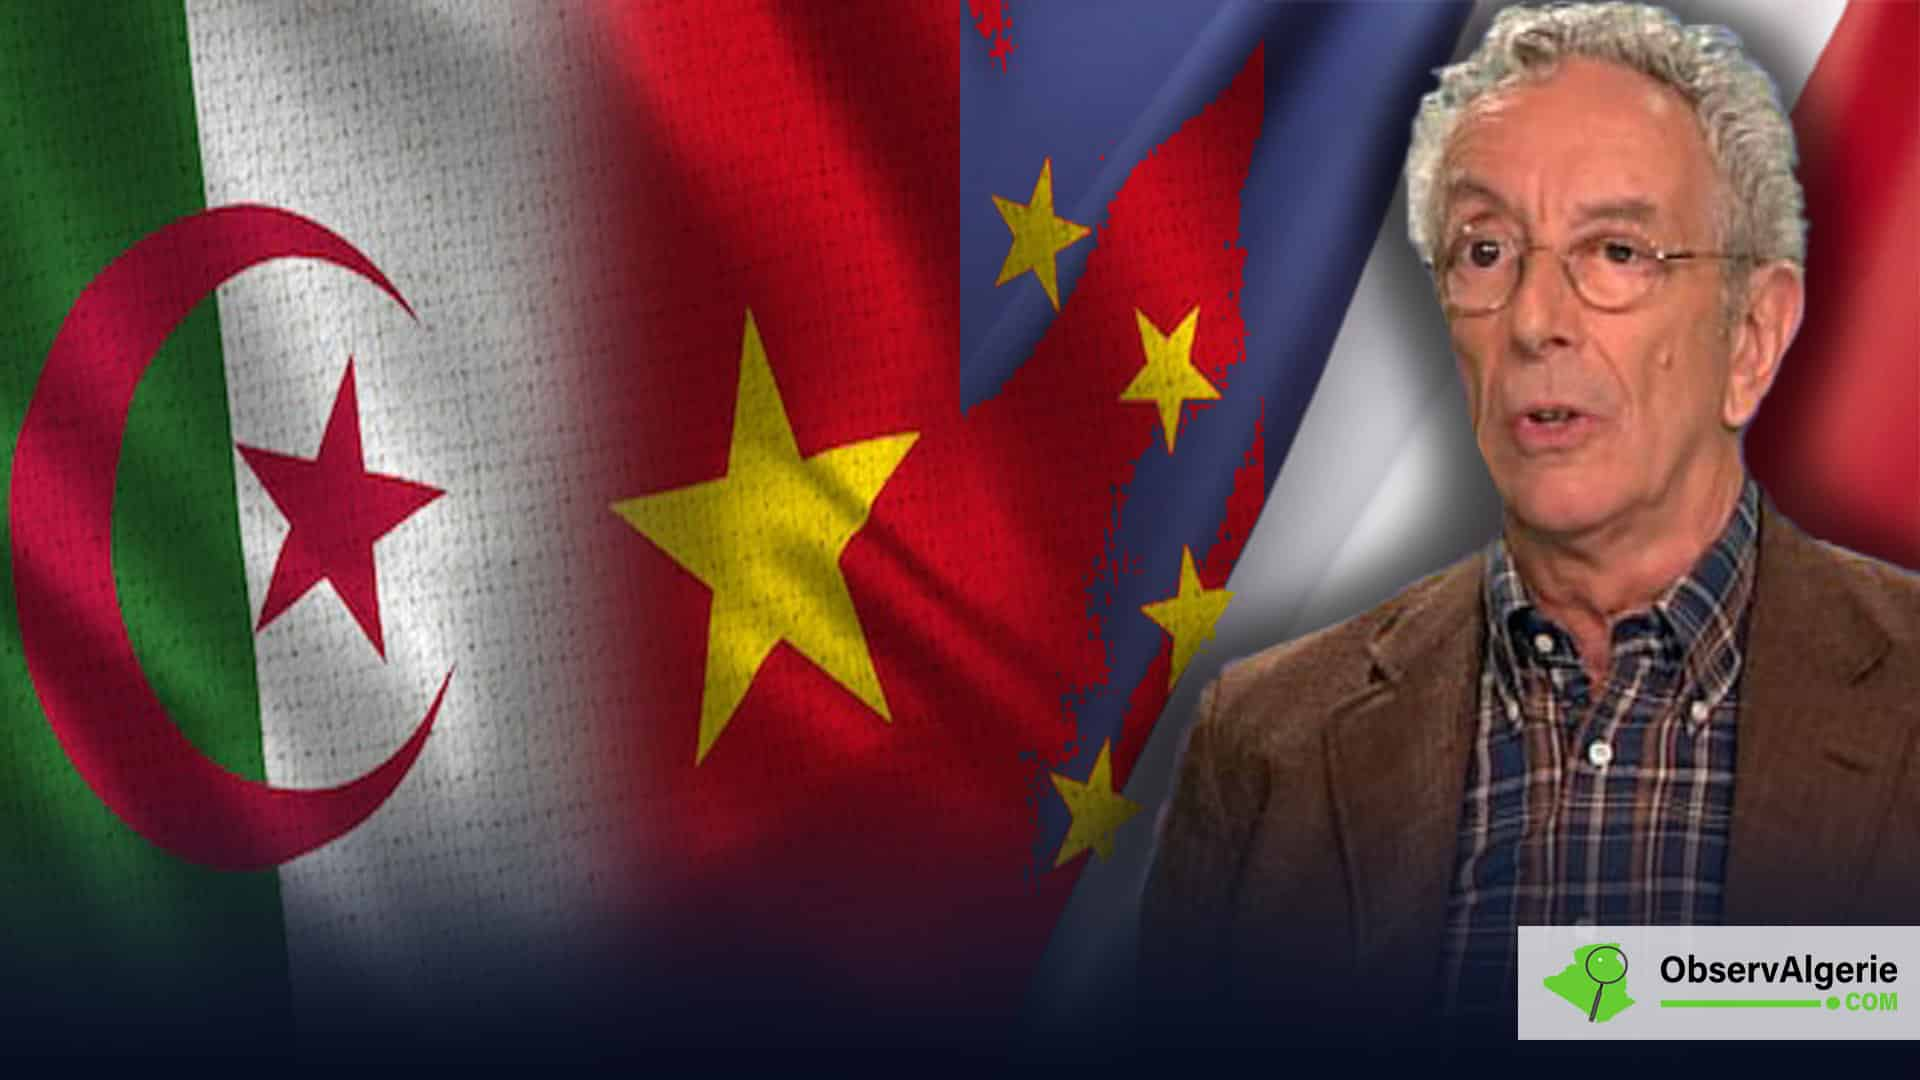 Algérie : L'ambassade de Chine réagit à la polémique déclenchée en France